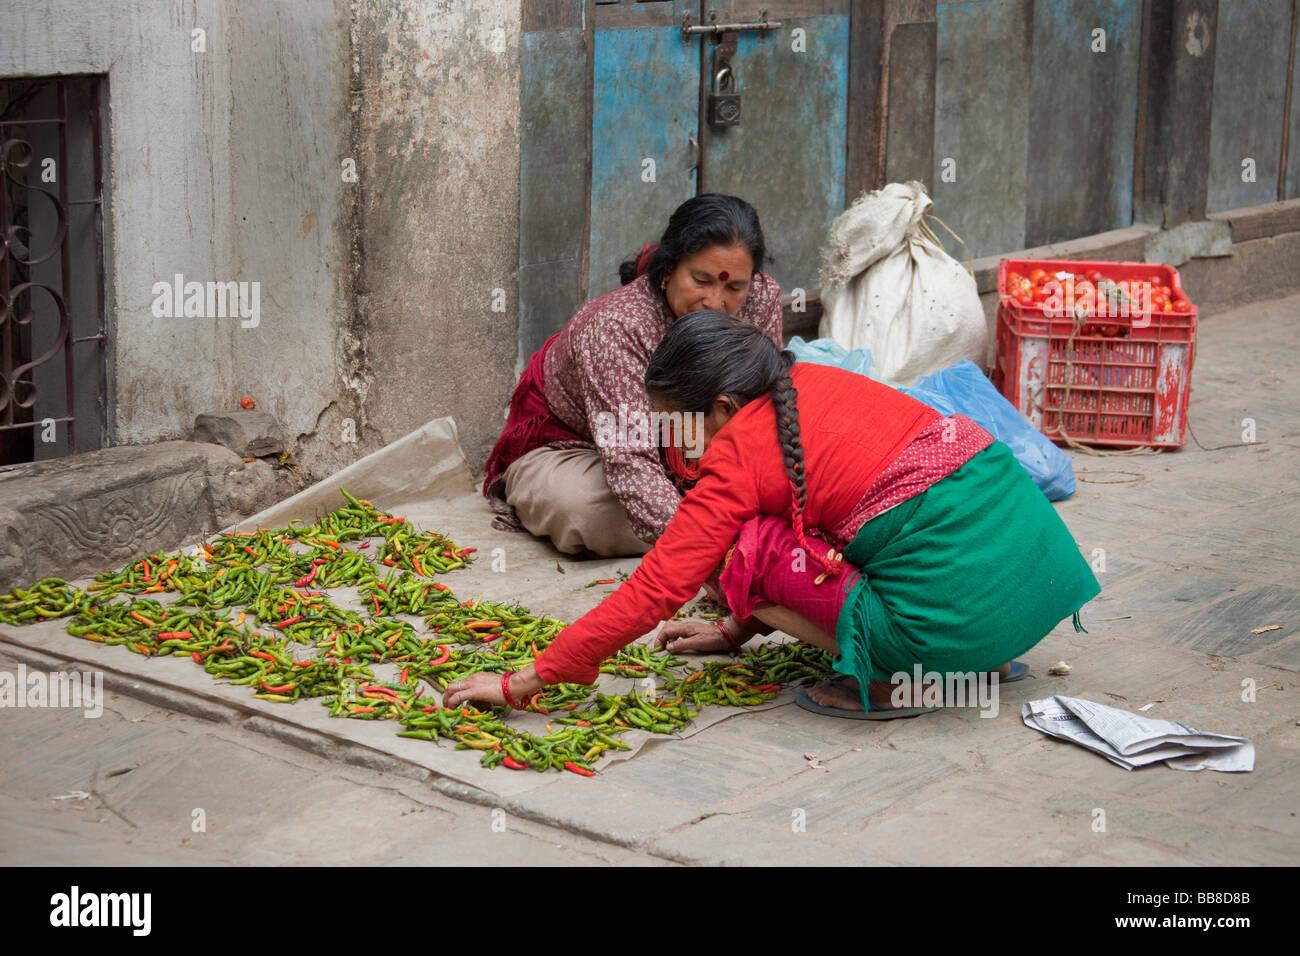 Nepal Kathmandu Katmandu Food Stock Photos & Nepal Kathmandu